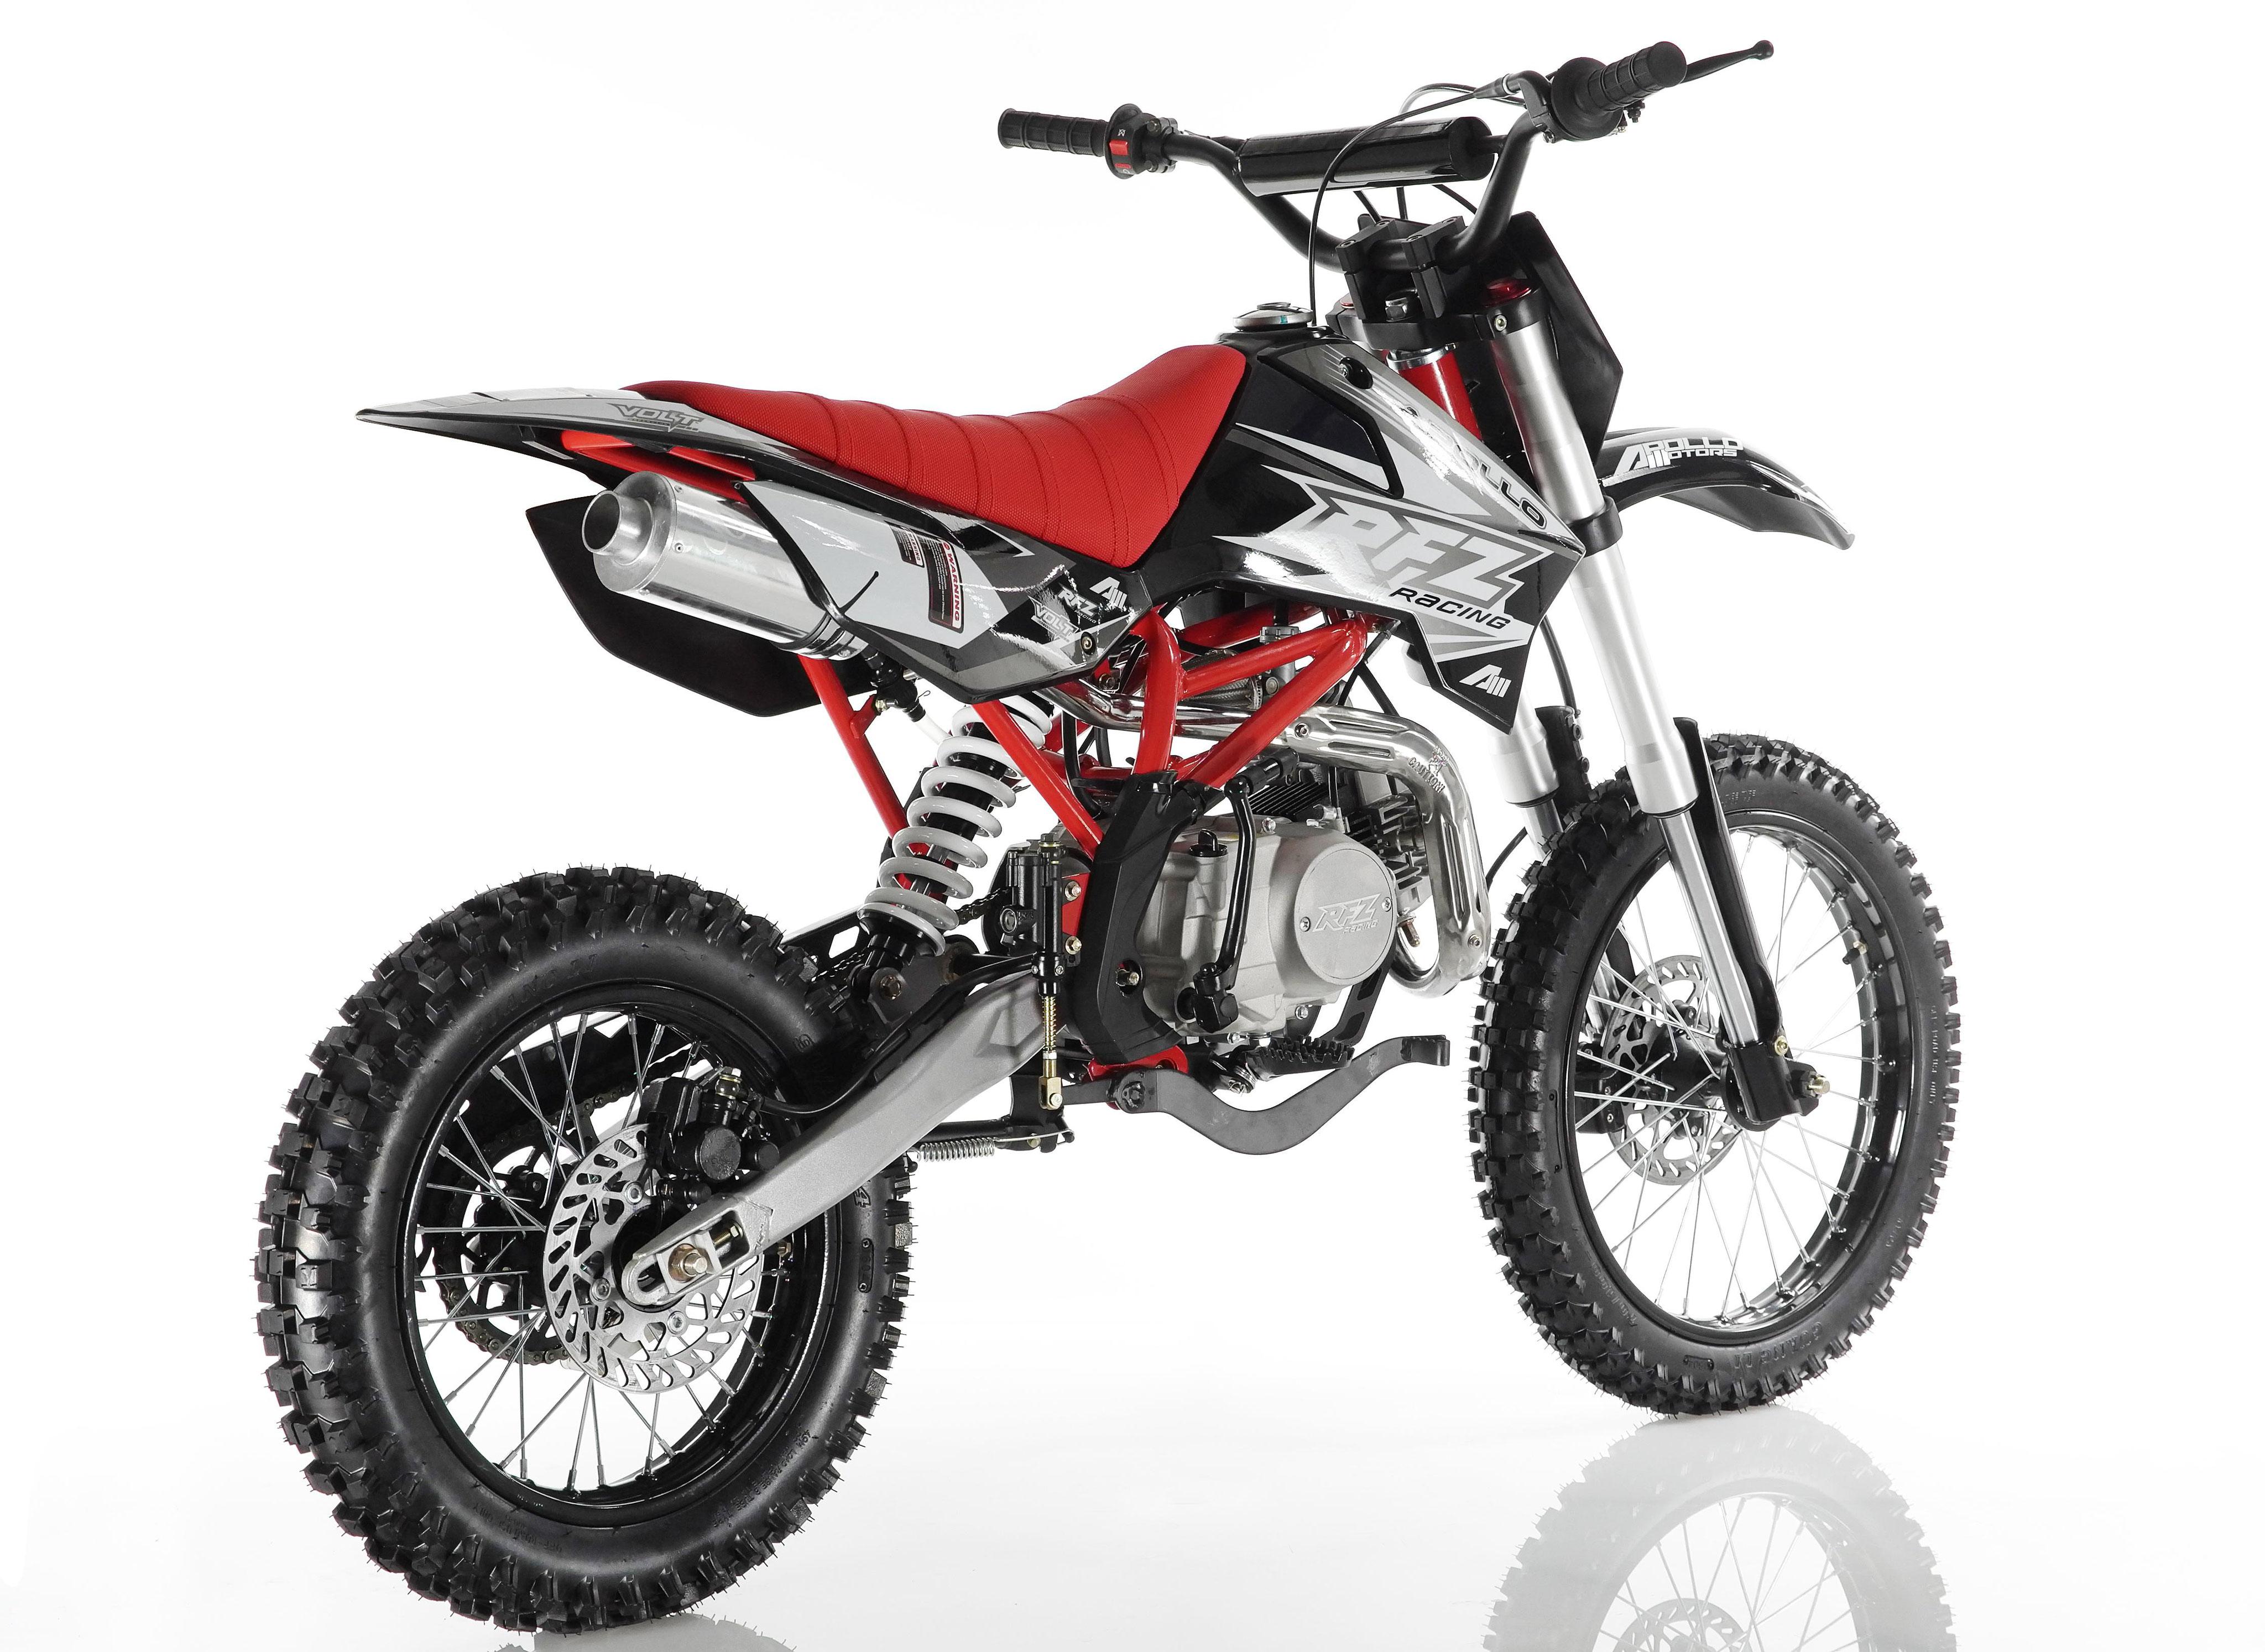 apollo 70cc dirt bike reviews - HD1173×855